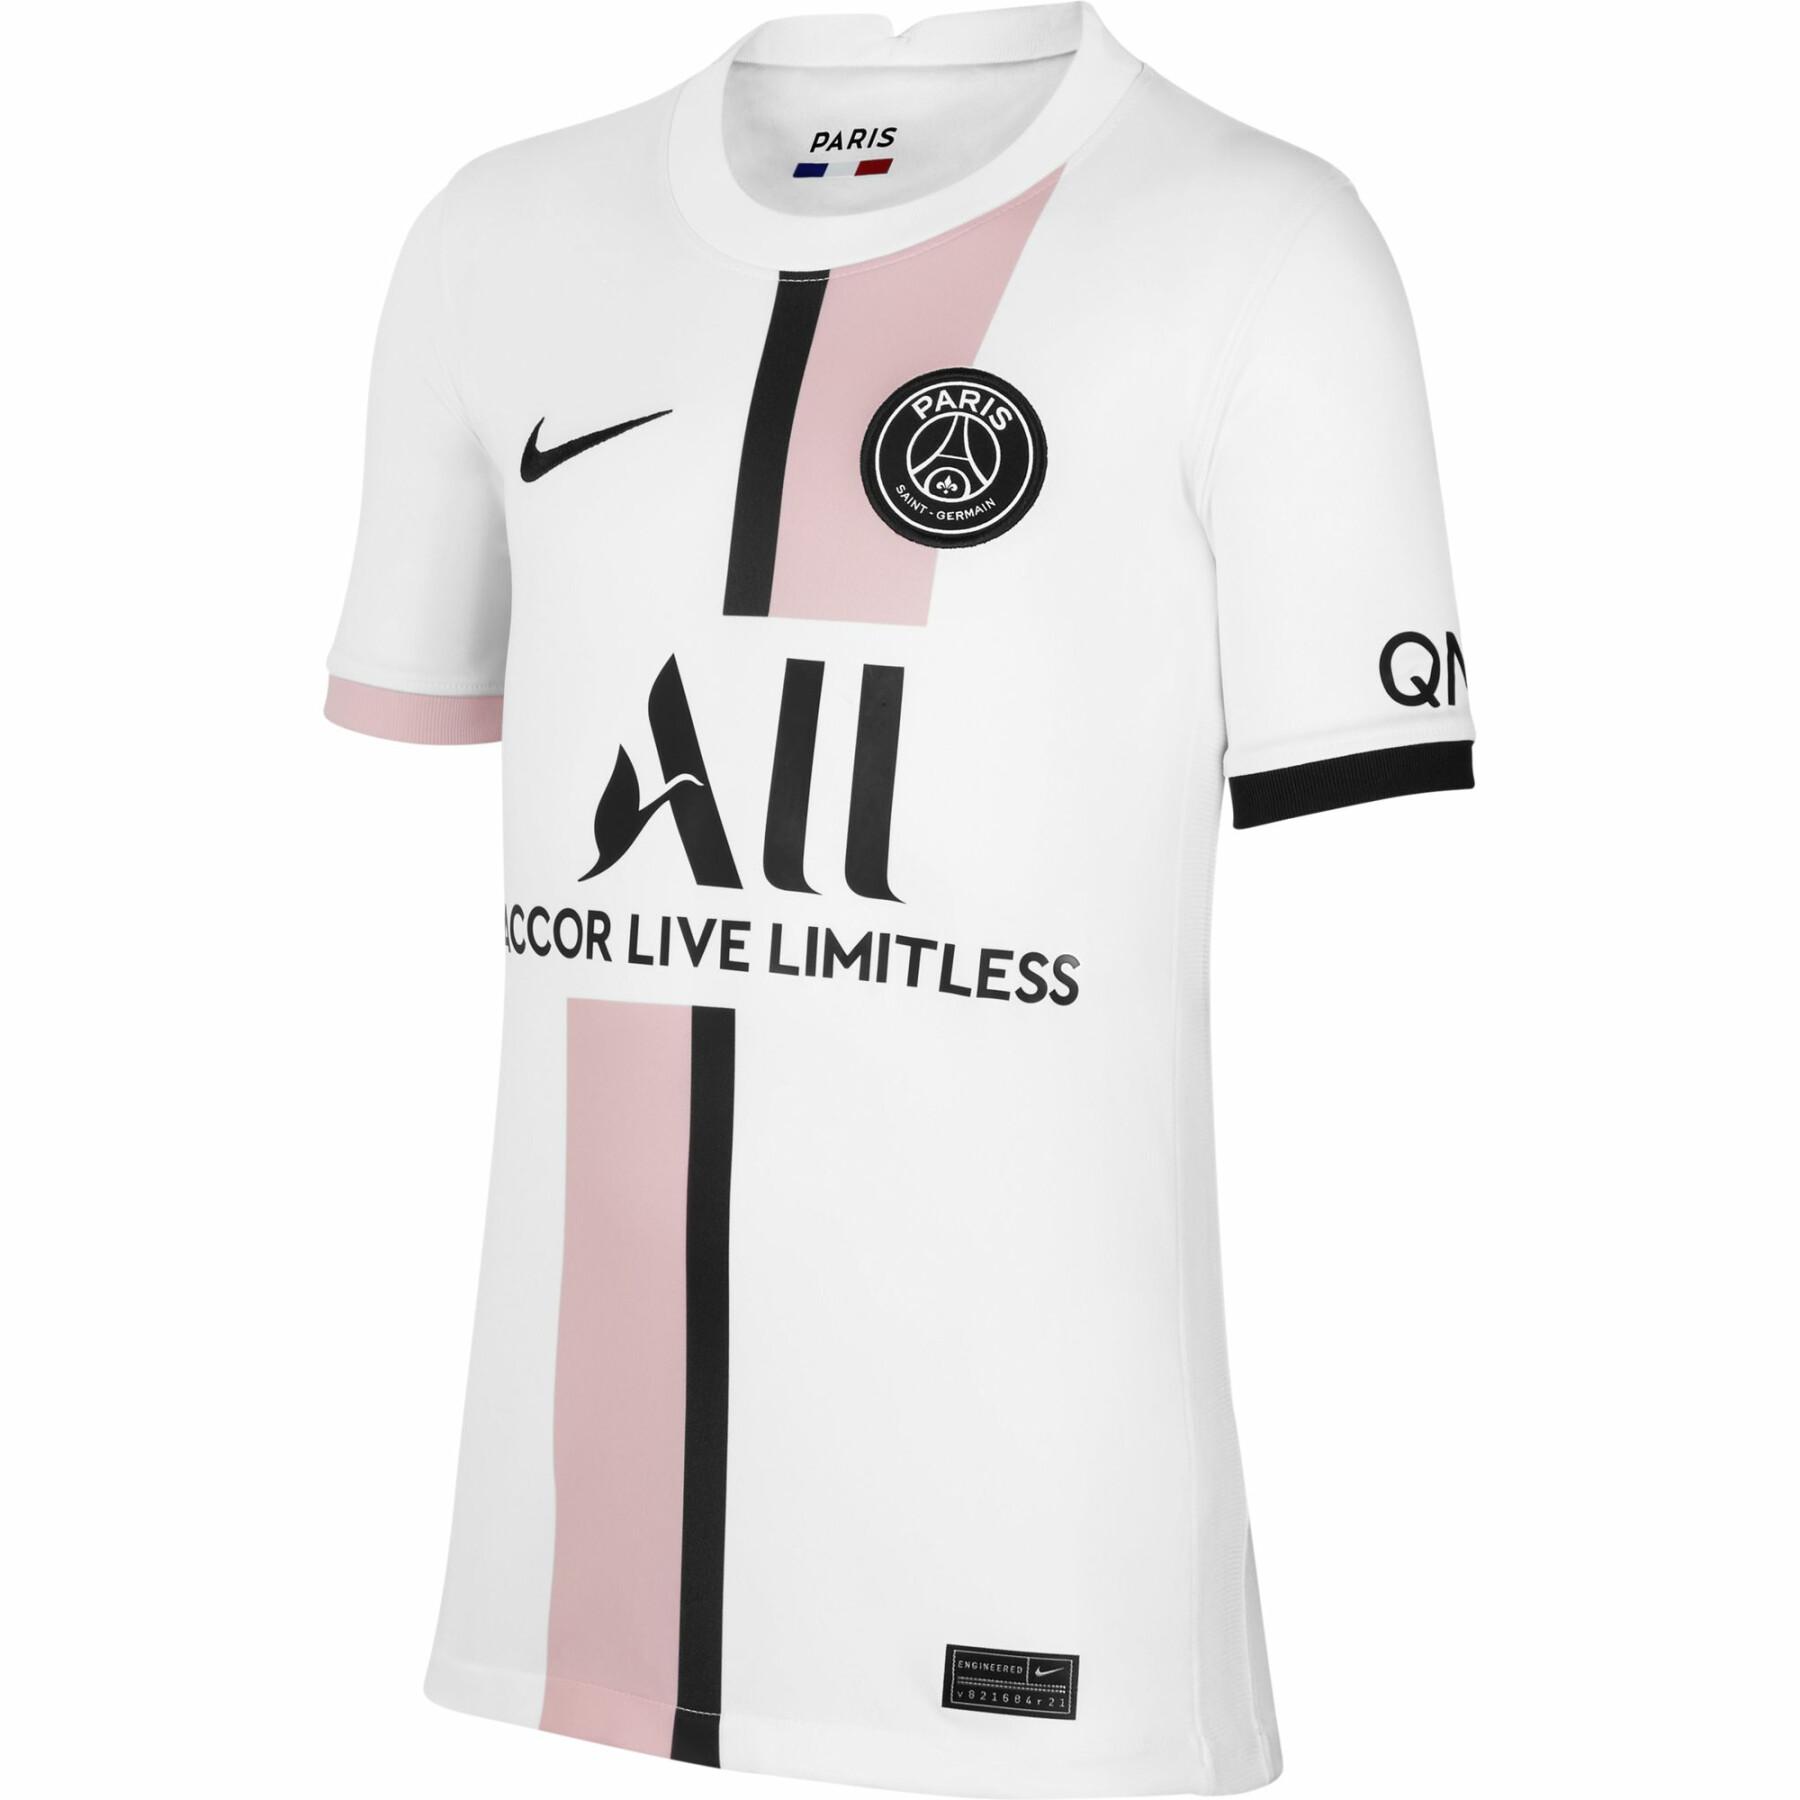 Children's outdoor jersey PSG 2021/22